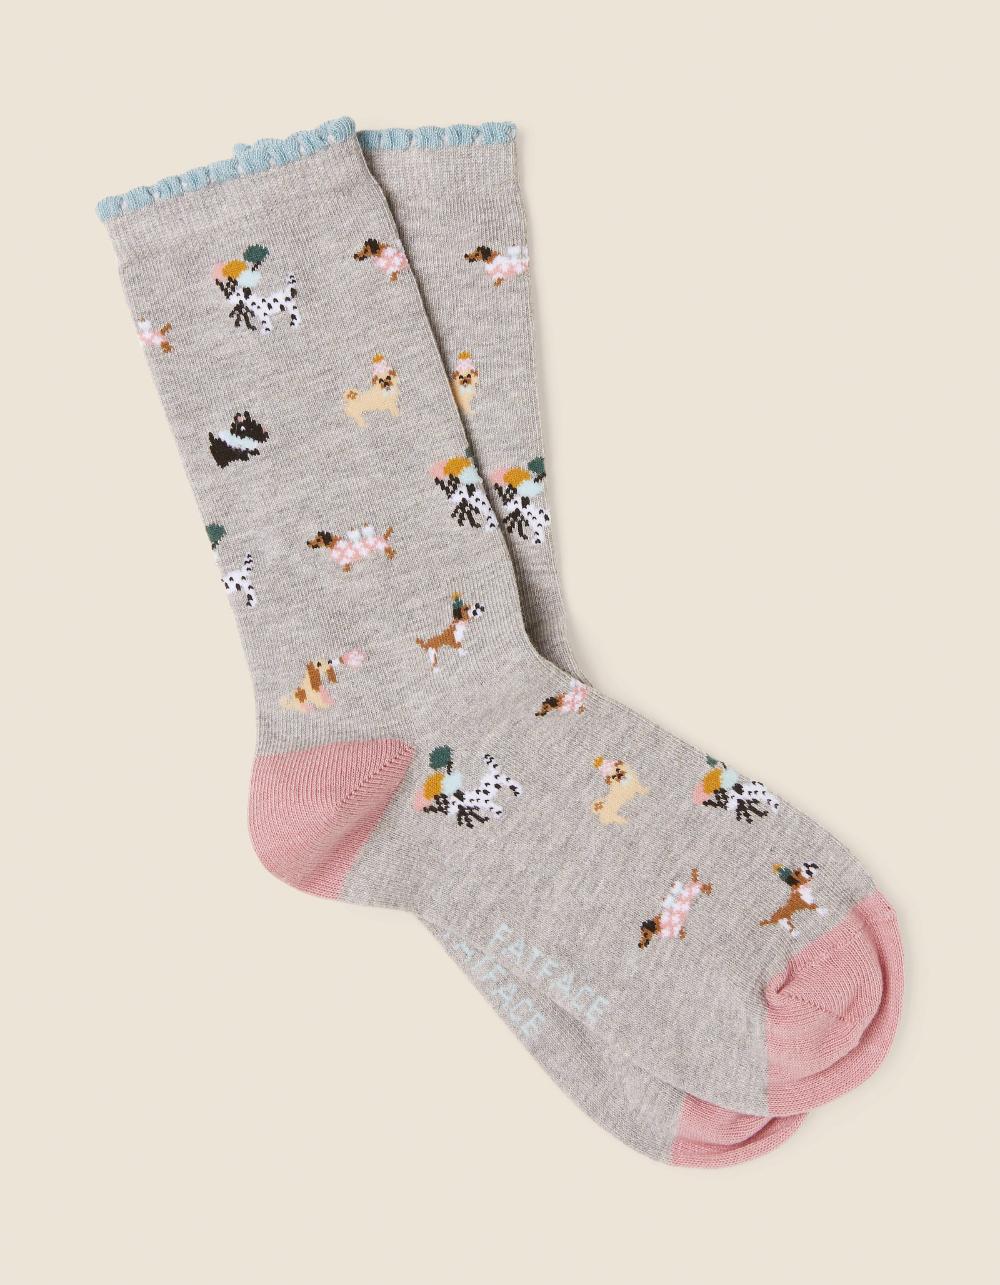 Pin on Cute Socks